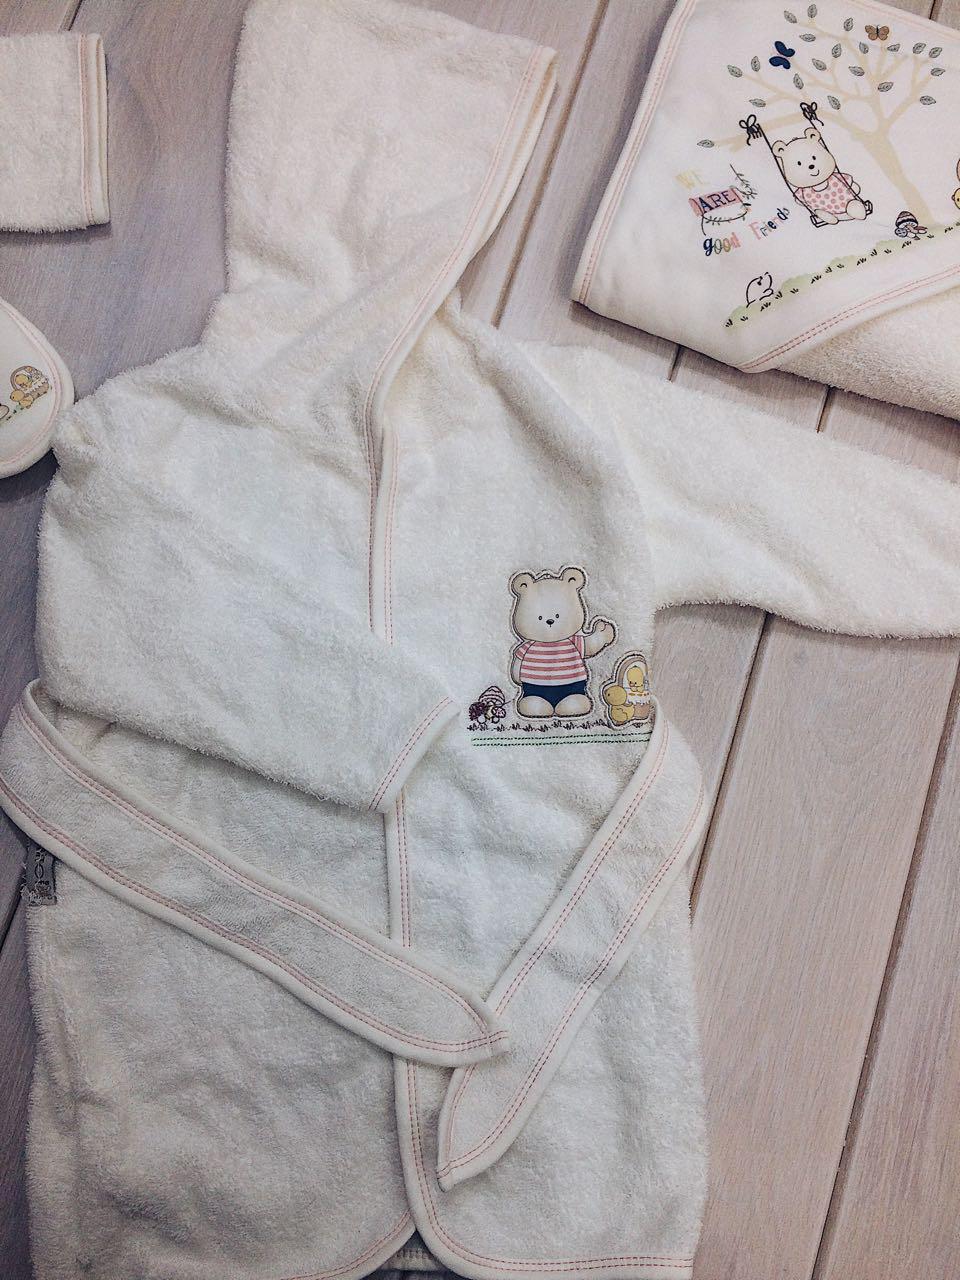 """Банный набор детский полотенце, халат,тапки - Интернет-магазин """"LEMON"""" в Черновцах"""